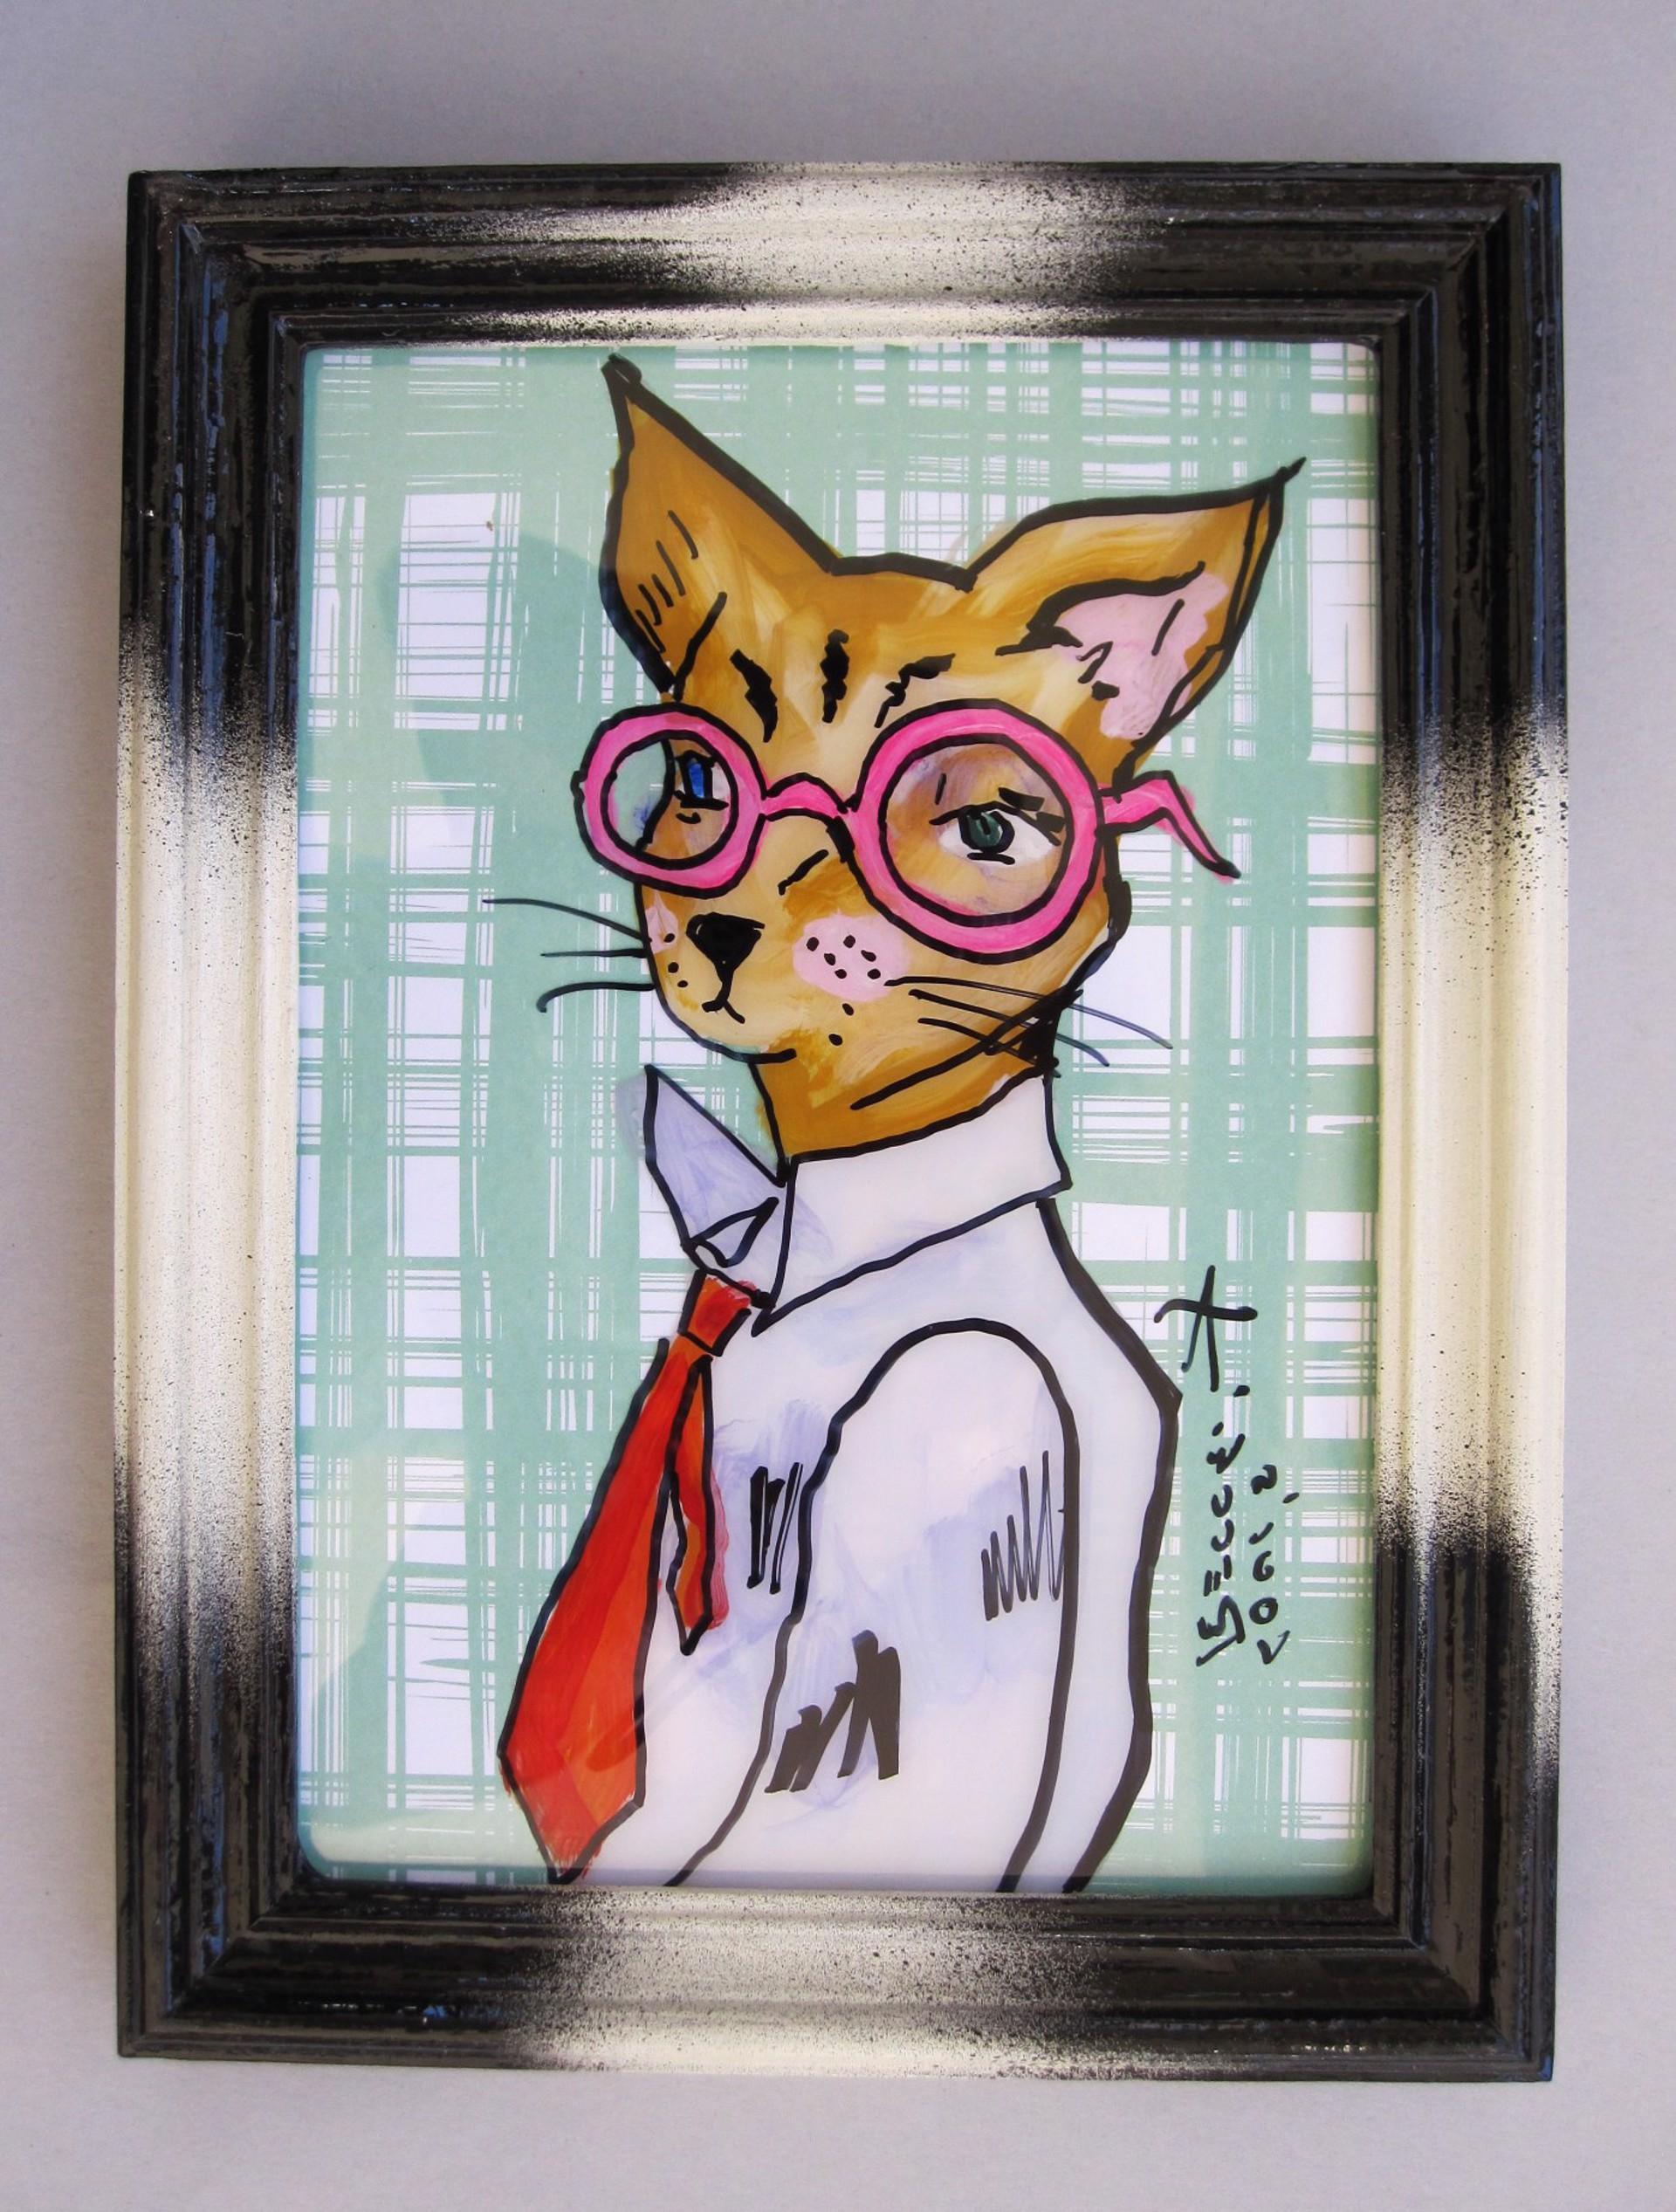 The Professor by Louis Recchia